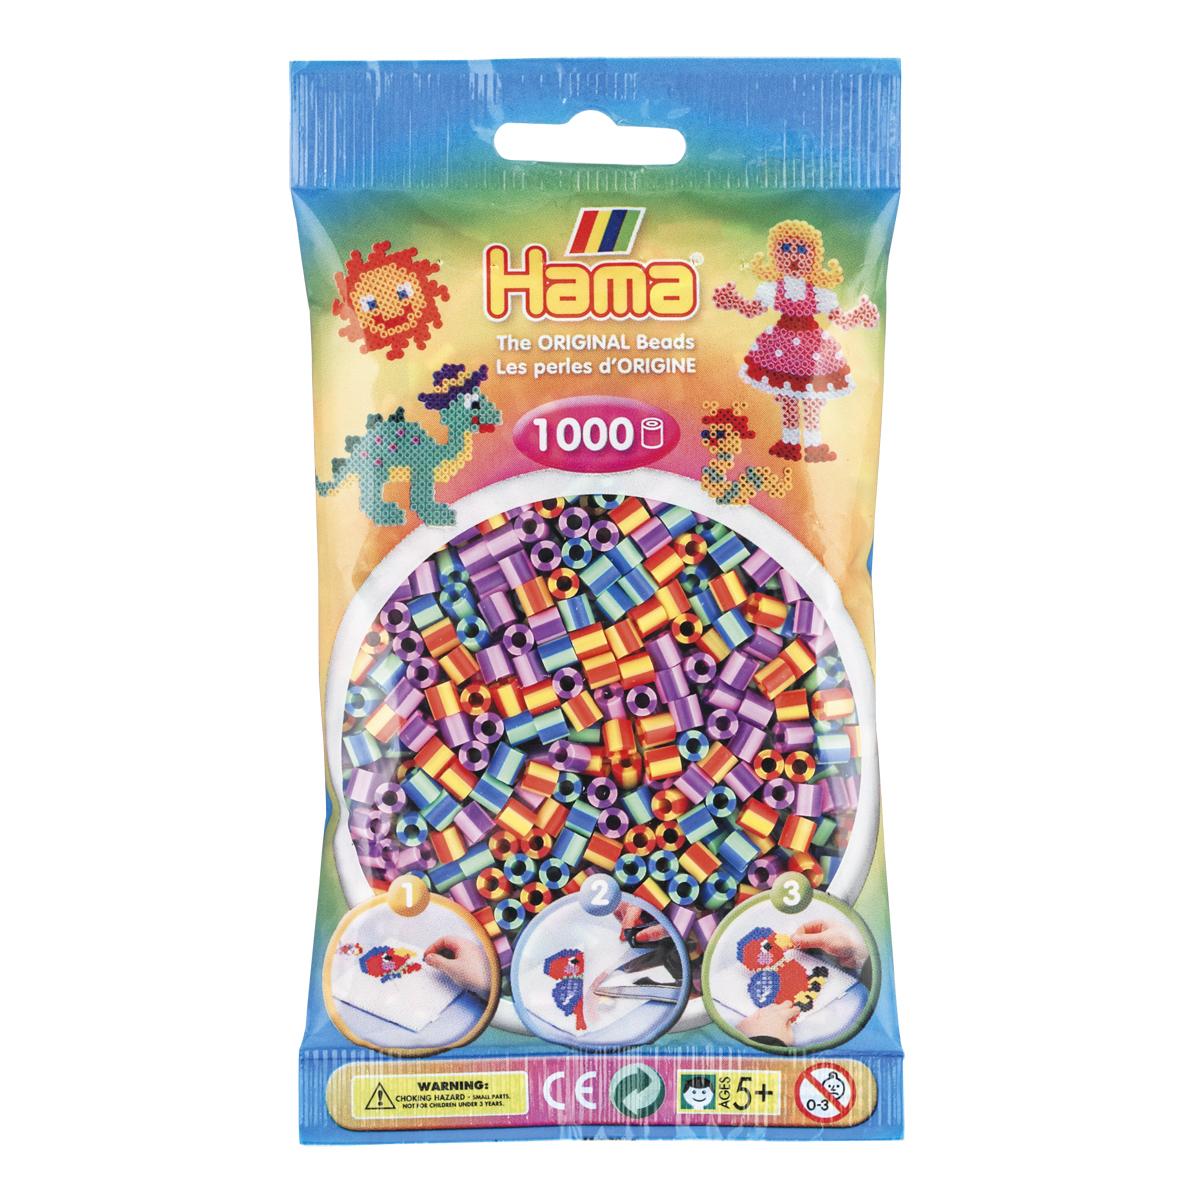 ハマビーズ ストライプ キャンディーカラー